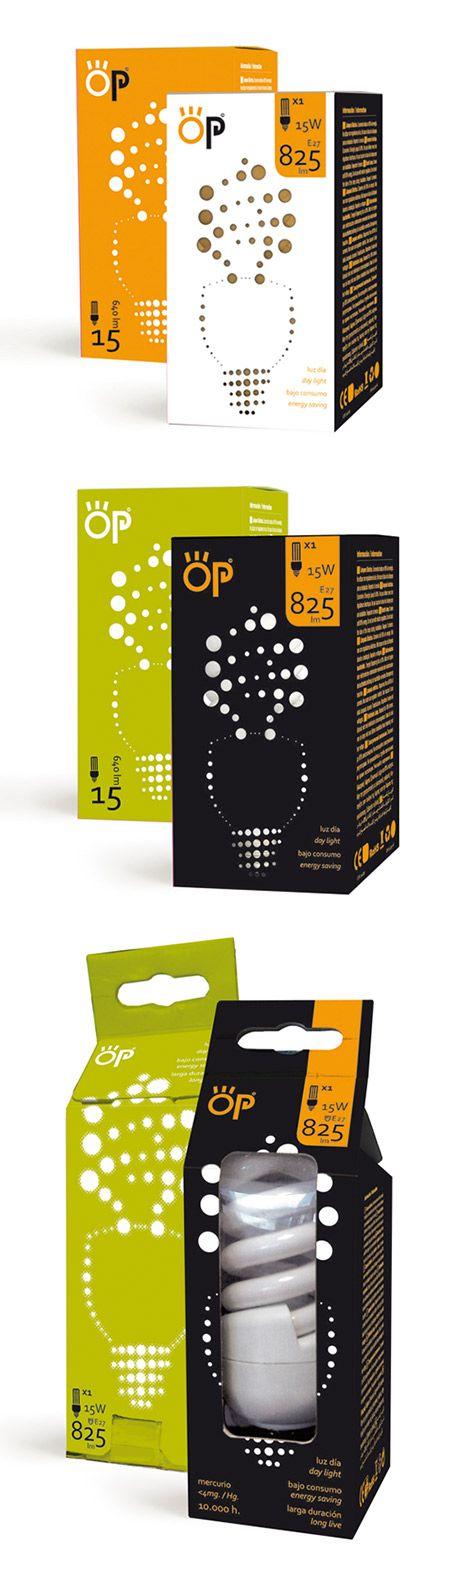 """[SPA] OP es una propuesta para la nueva linea de bombillas distribuida por la empresa """"hidalgo´s group"""" y que comercializara el """"Corte Ingles"""". En hache comunicación hemos creado el packaging enfocando su gráfica en la construcción de la forma de los diferentes tipos de bombillas a partir de un elemento primordial, y que se remarca en el frontal utilizando un troquelaje y el uso de colores contrastados.  [ENG] OP is the proposed new line of packaging for light bulbs distributed by the…"""